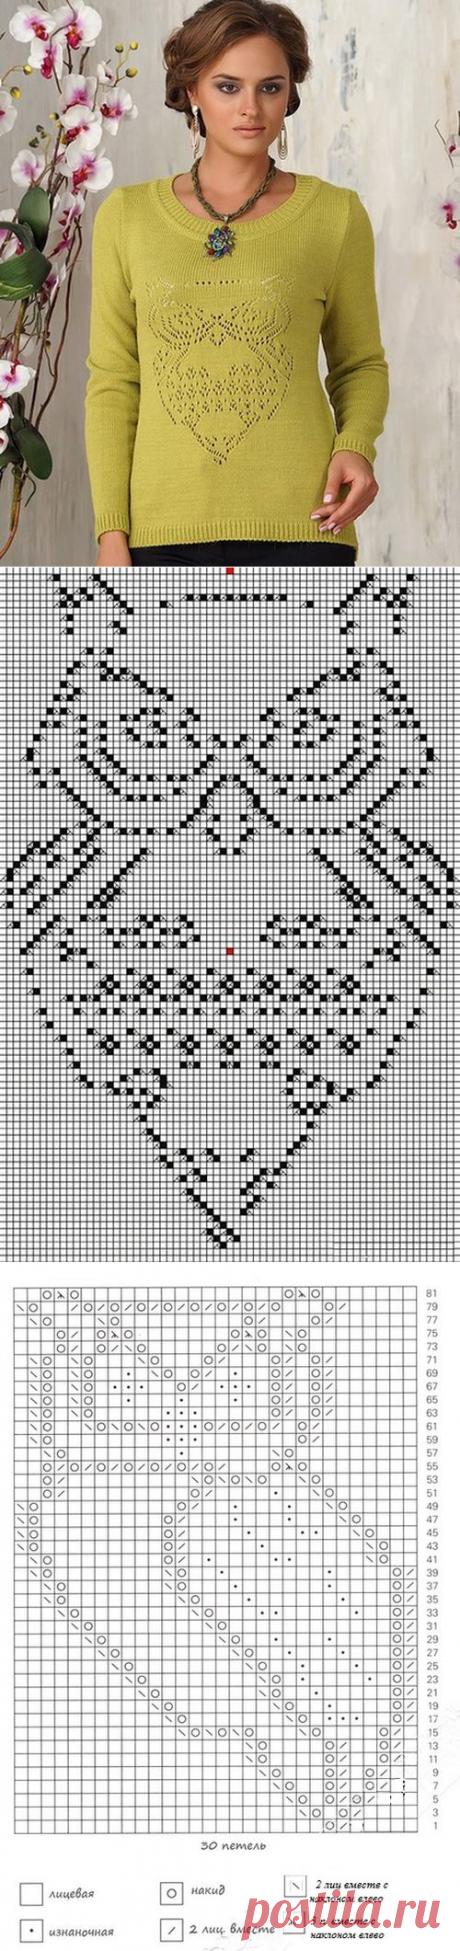 Ажурный узор сова спицами схема | Ажурные Узоры